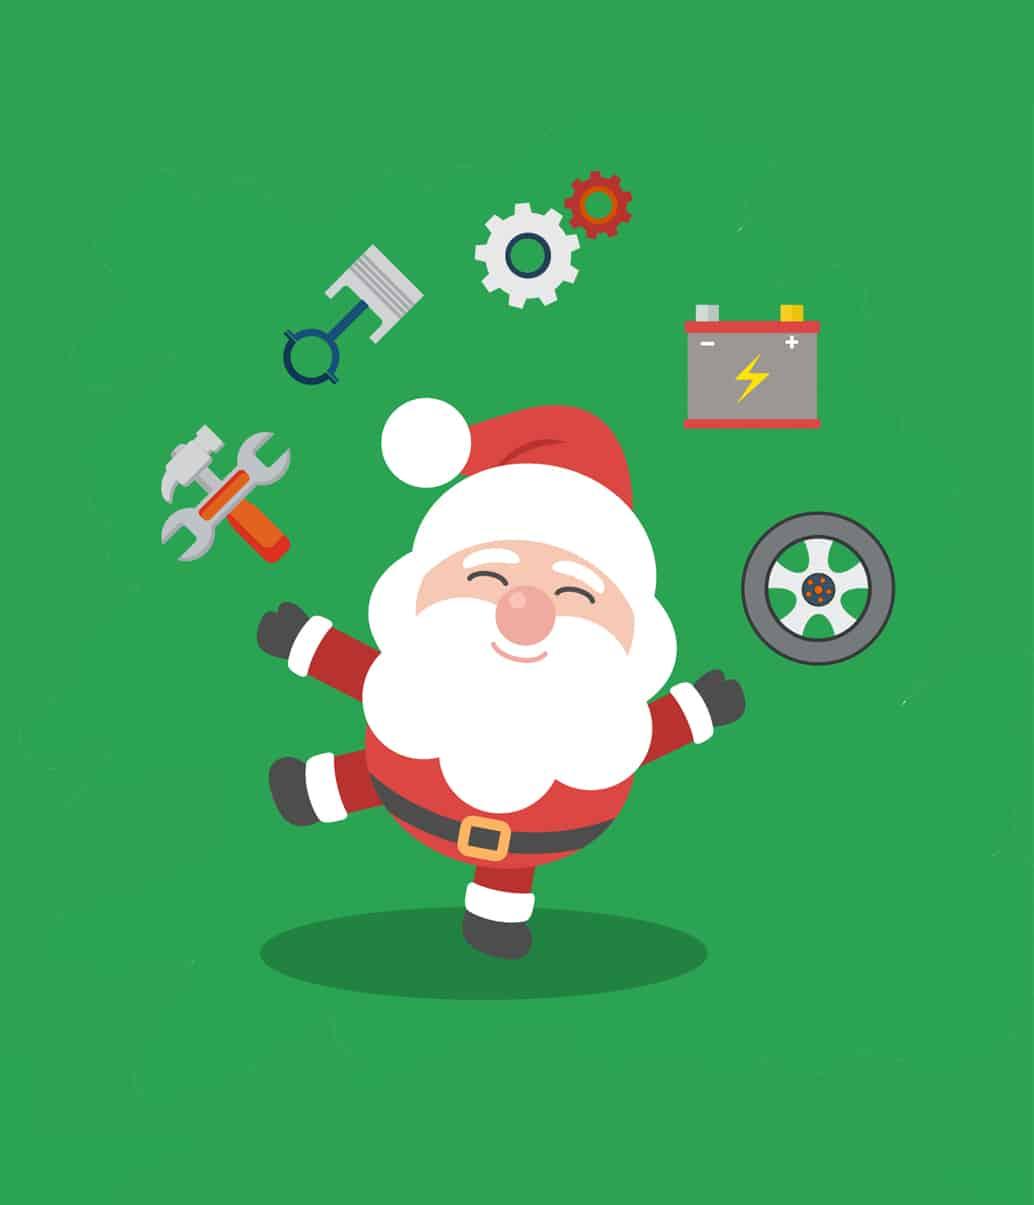 If Santa Claus was a car mechanic